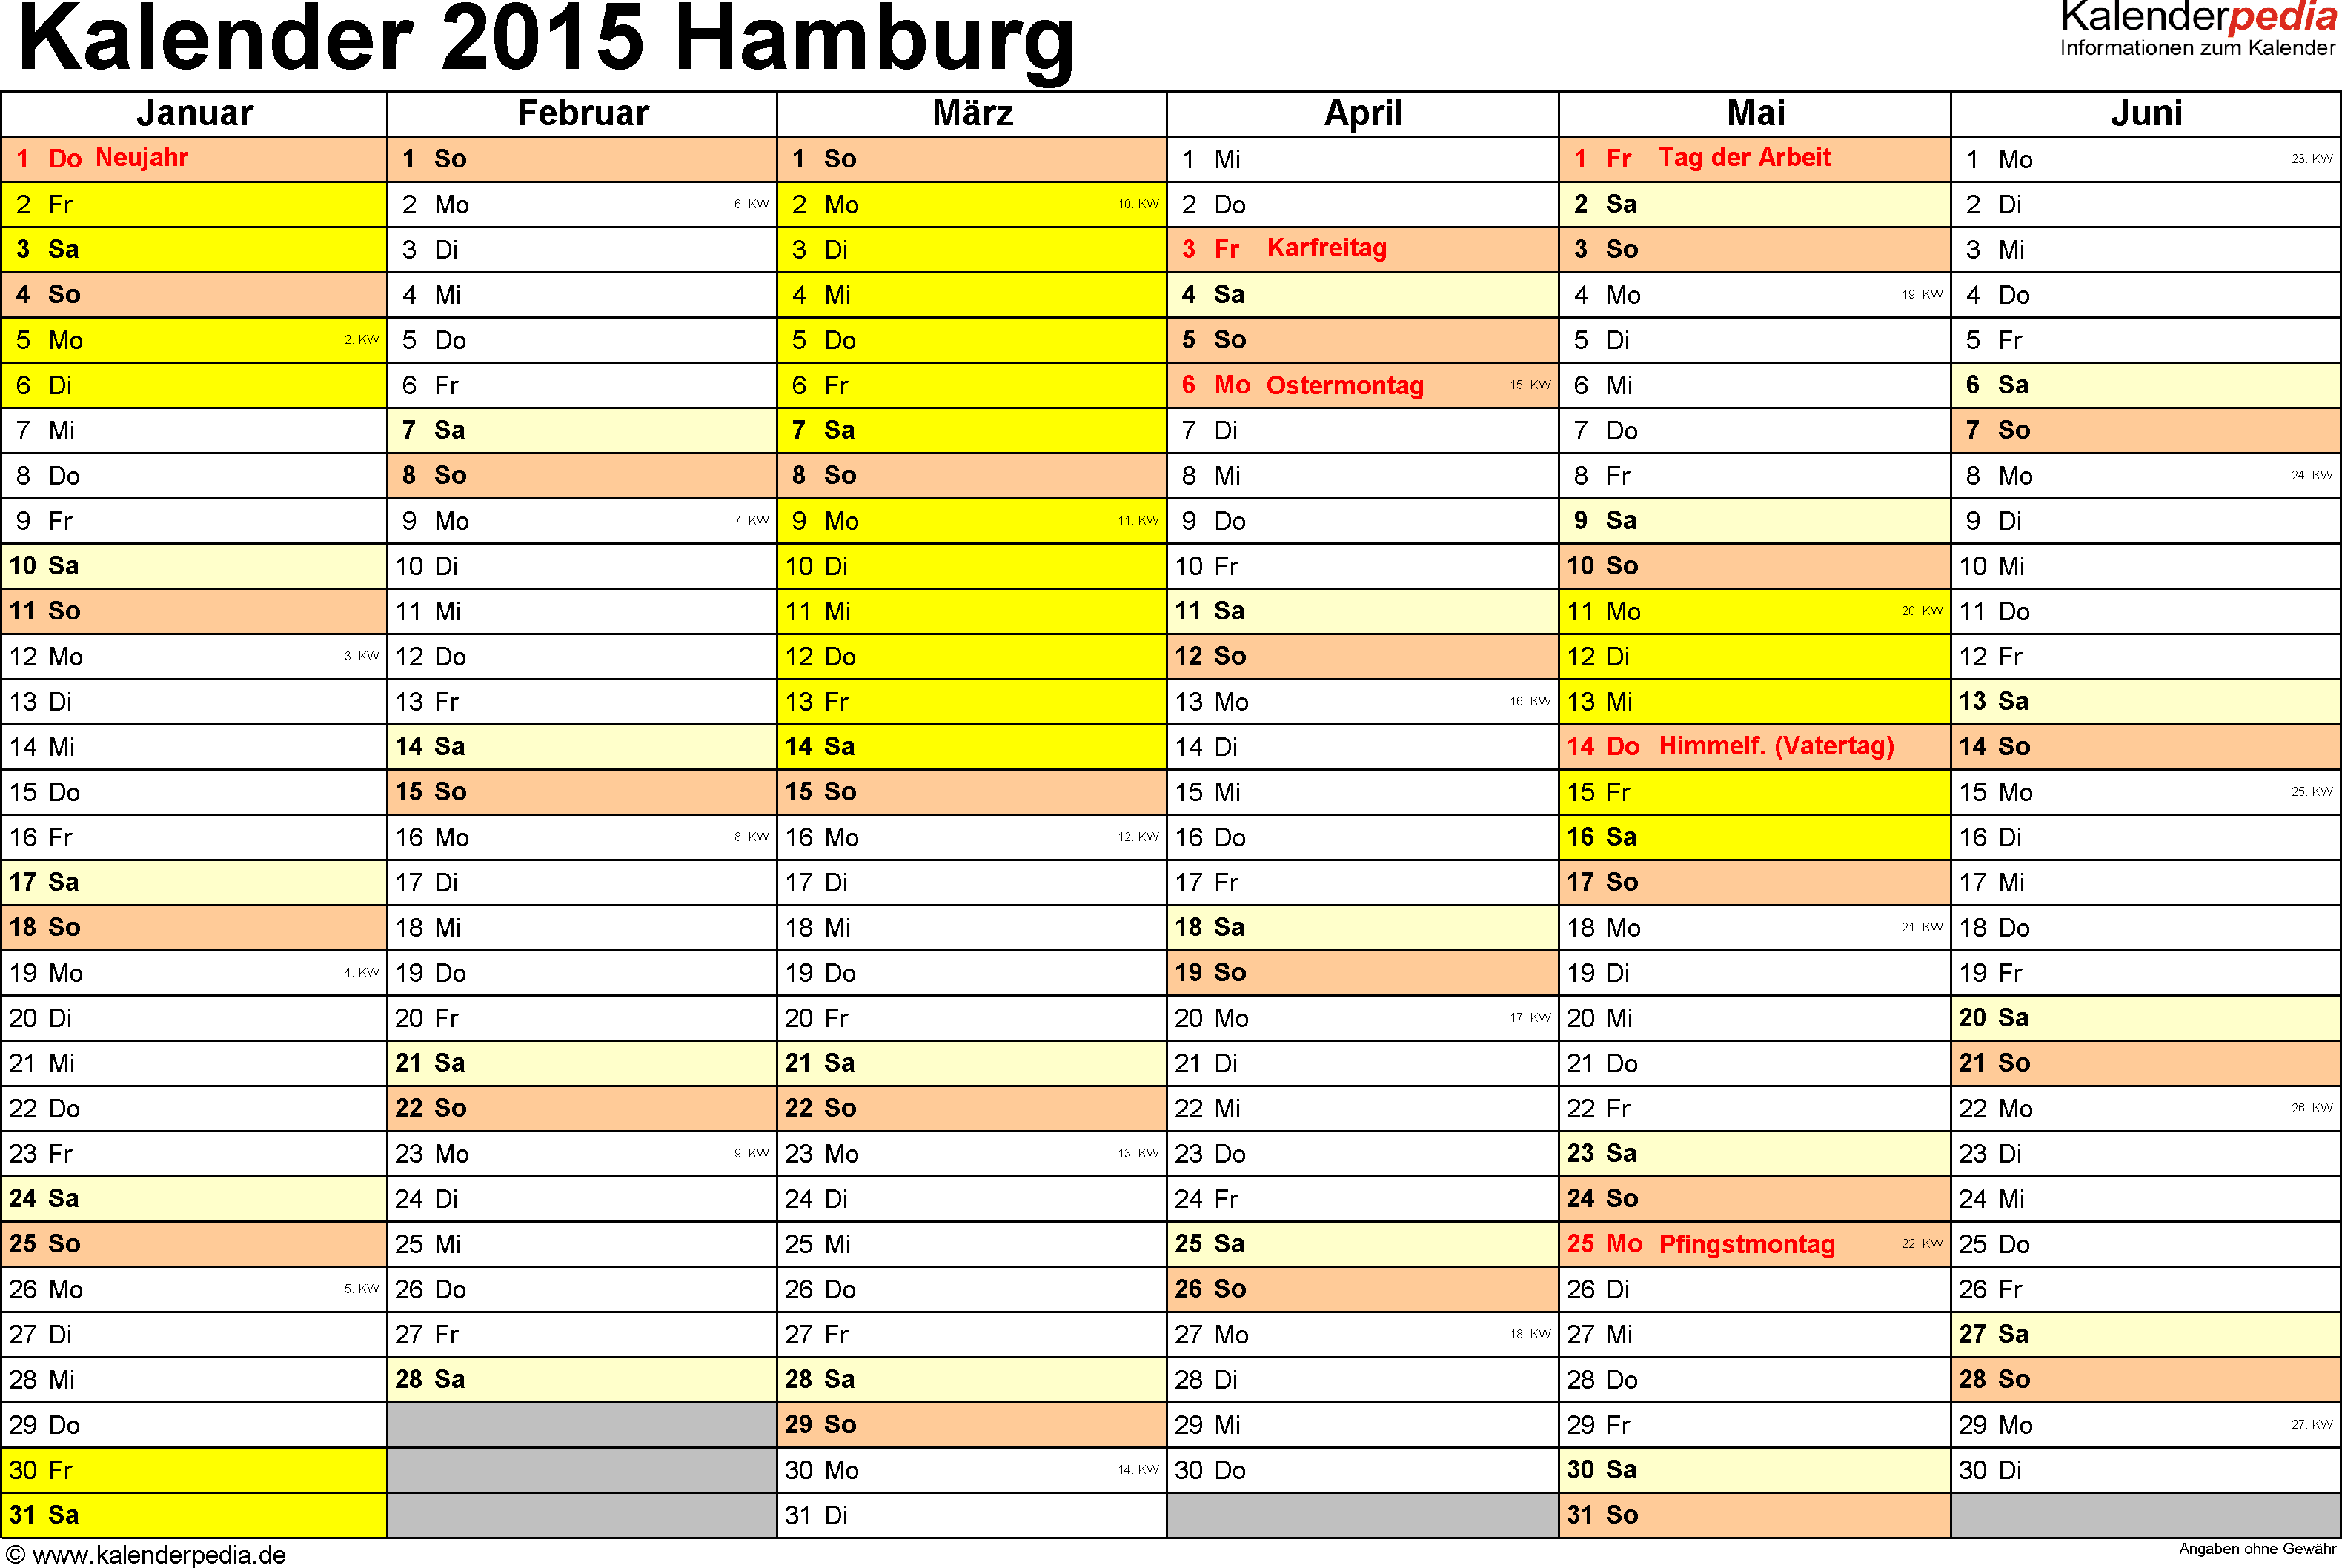 Vorlage 2: Kalender 2015 für Hamburg als Word-Vorlage (Querformat, 2 Seiten)